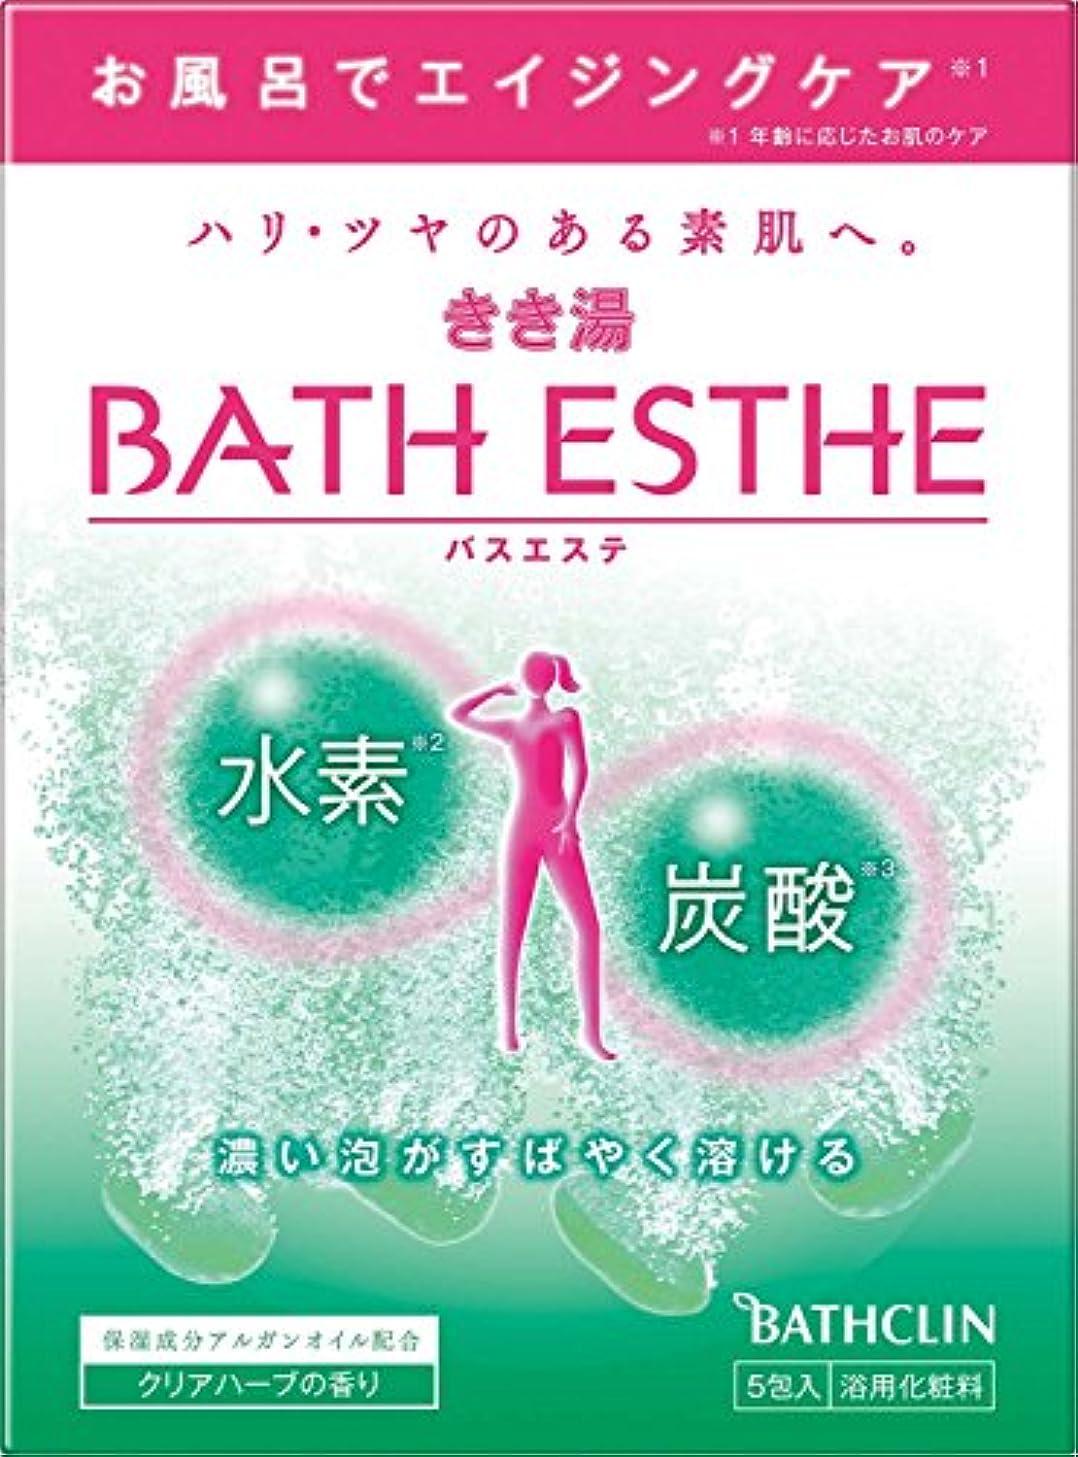 弱い純粋な色合いきき湯バスエステ炭酸水素入浴剤 クリアハーブの香り50g×5包入り 入浴剤 発泡タイプ 個包装